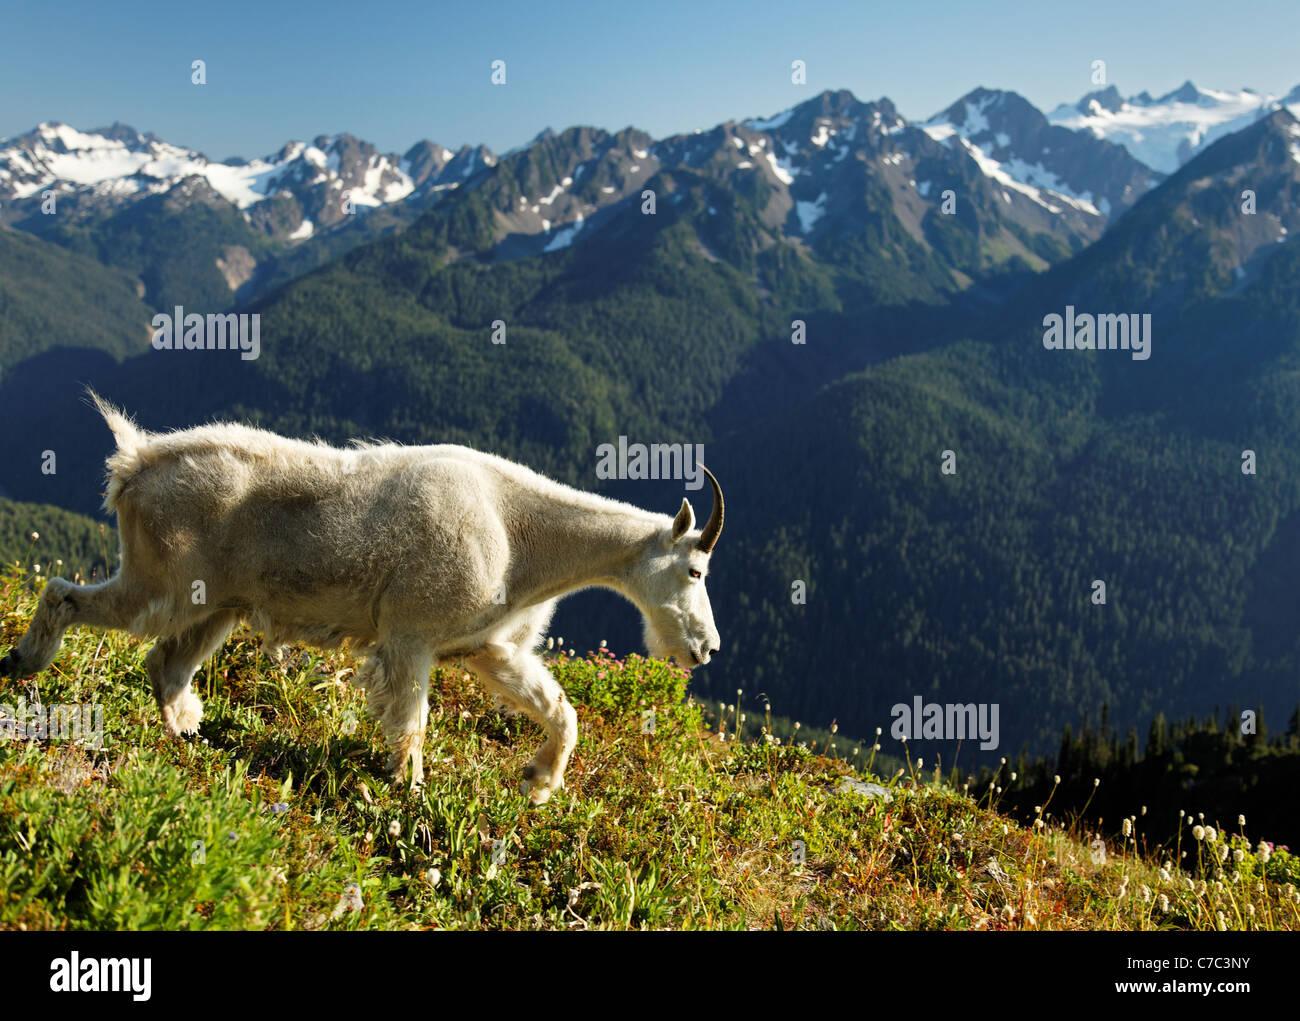 Mountain goat, Bailey Range, Olympic Mountains, Olympic National Park, Washington - Stock Image